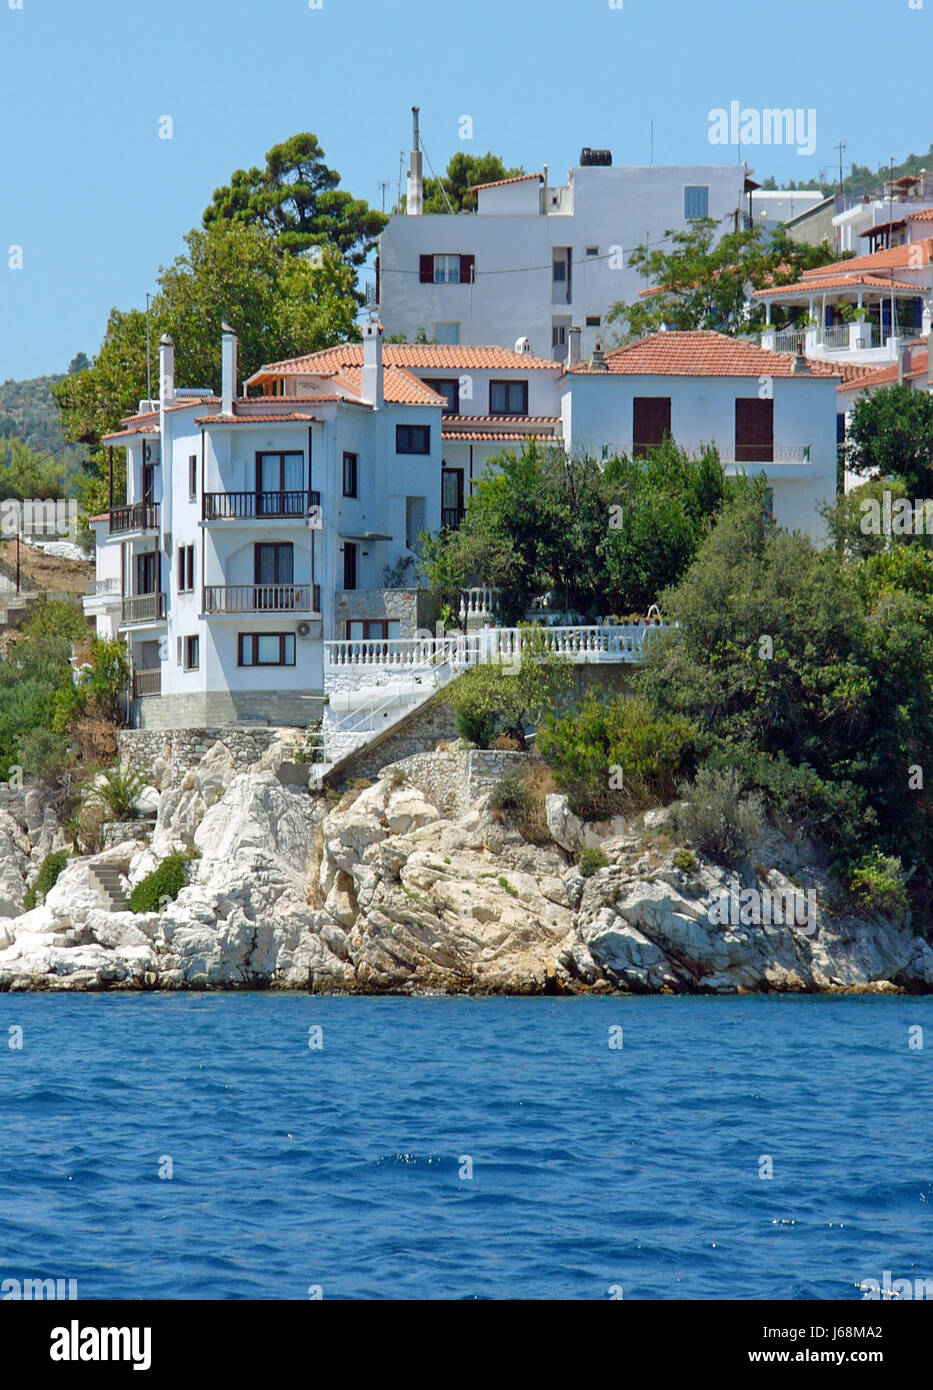 skiathos town - residential - Stock Image